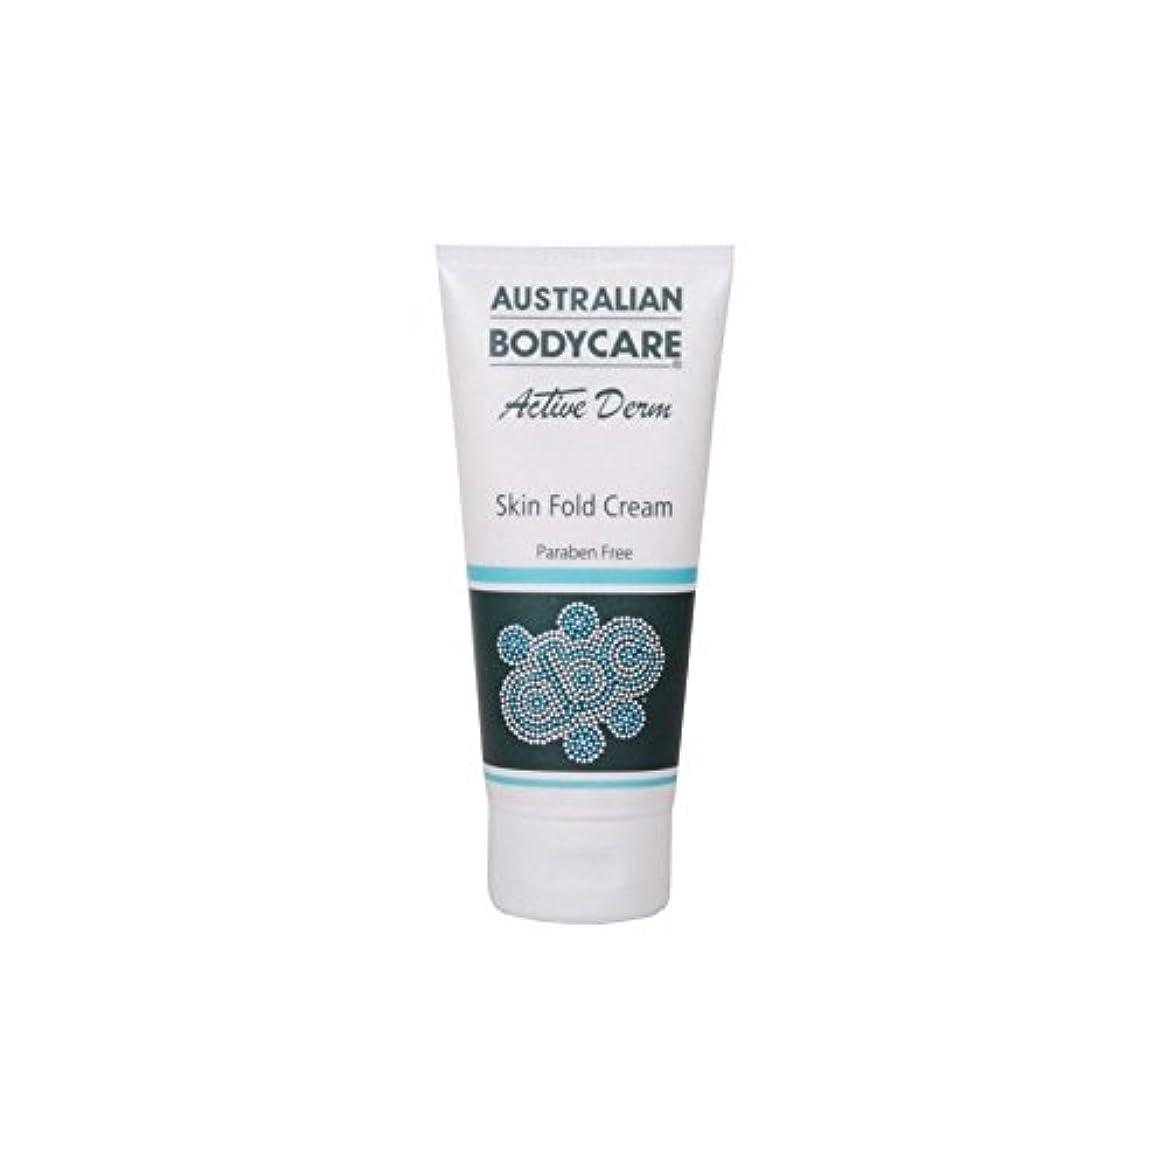 メーター荒涼とした狂人Australian Bodycare Active Derm Skin Fold Cream (100ml) (Pack of 6) - オーストラリアのボディケアアクティブダーム皮膚のひだクリーム(100ミリリットル...